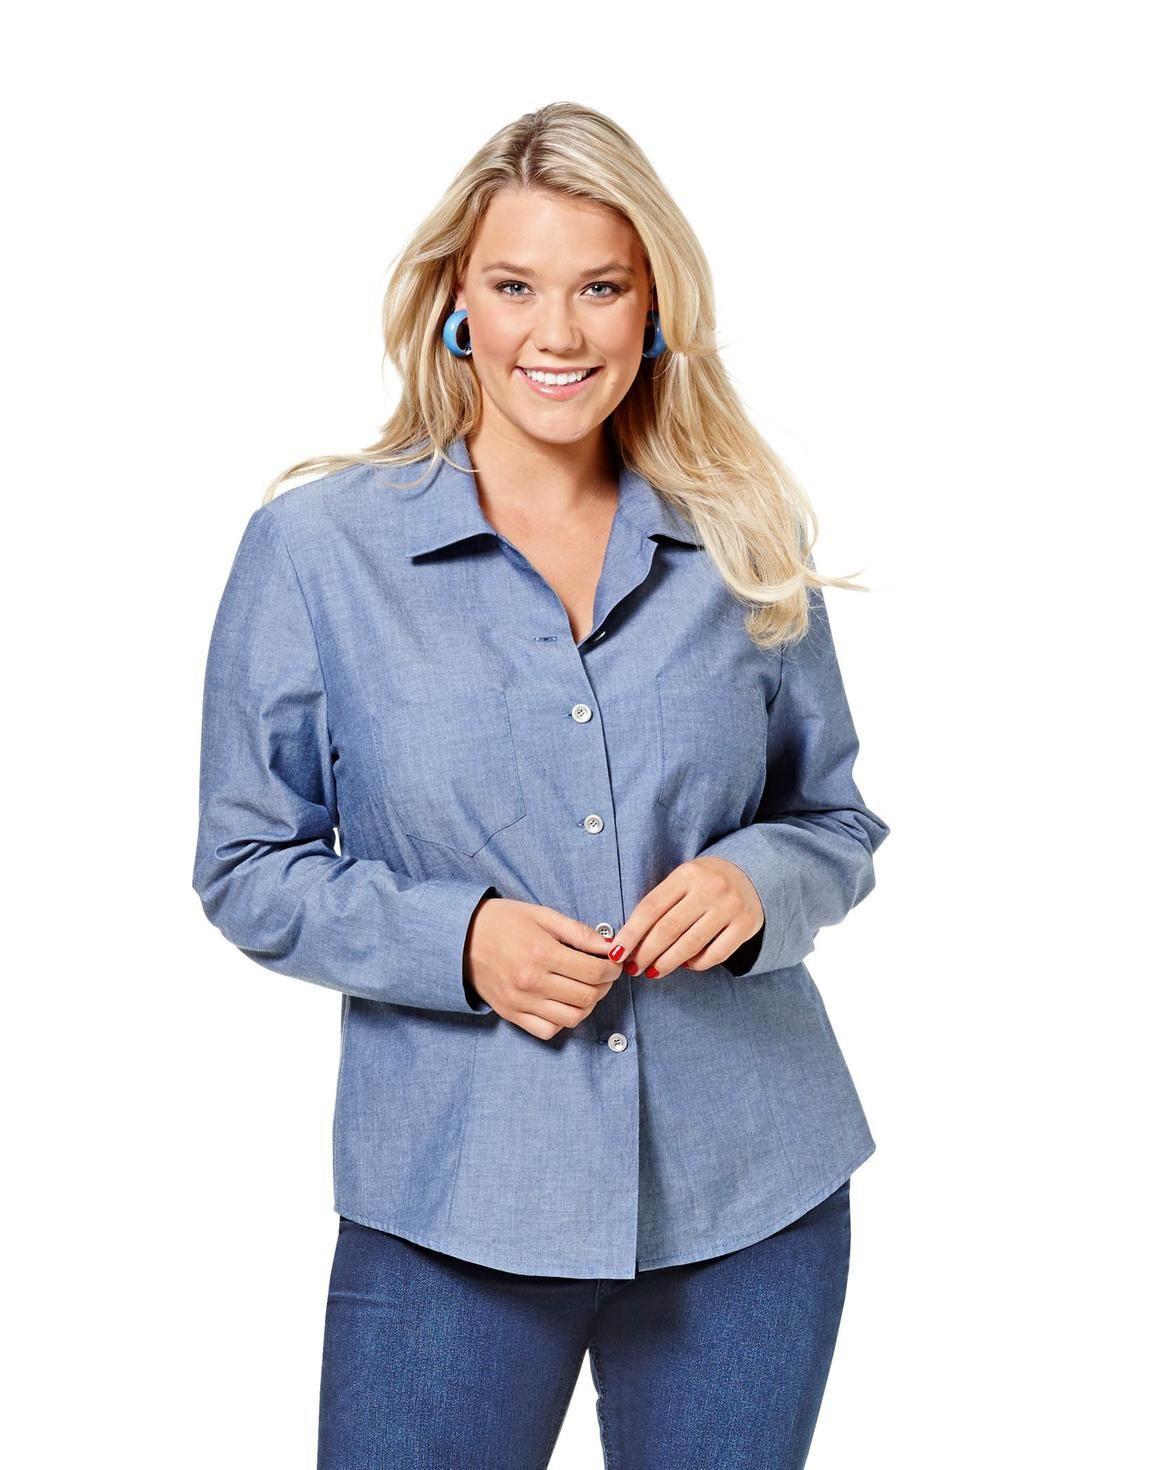 Hemdbluse  Leicht Tailliert F/S 2016 6614  Mode Zum